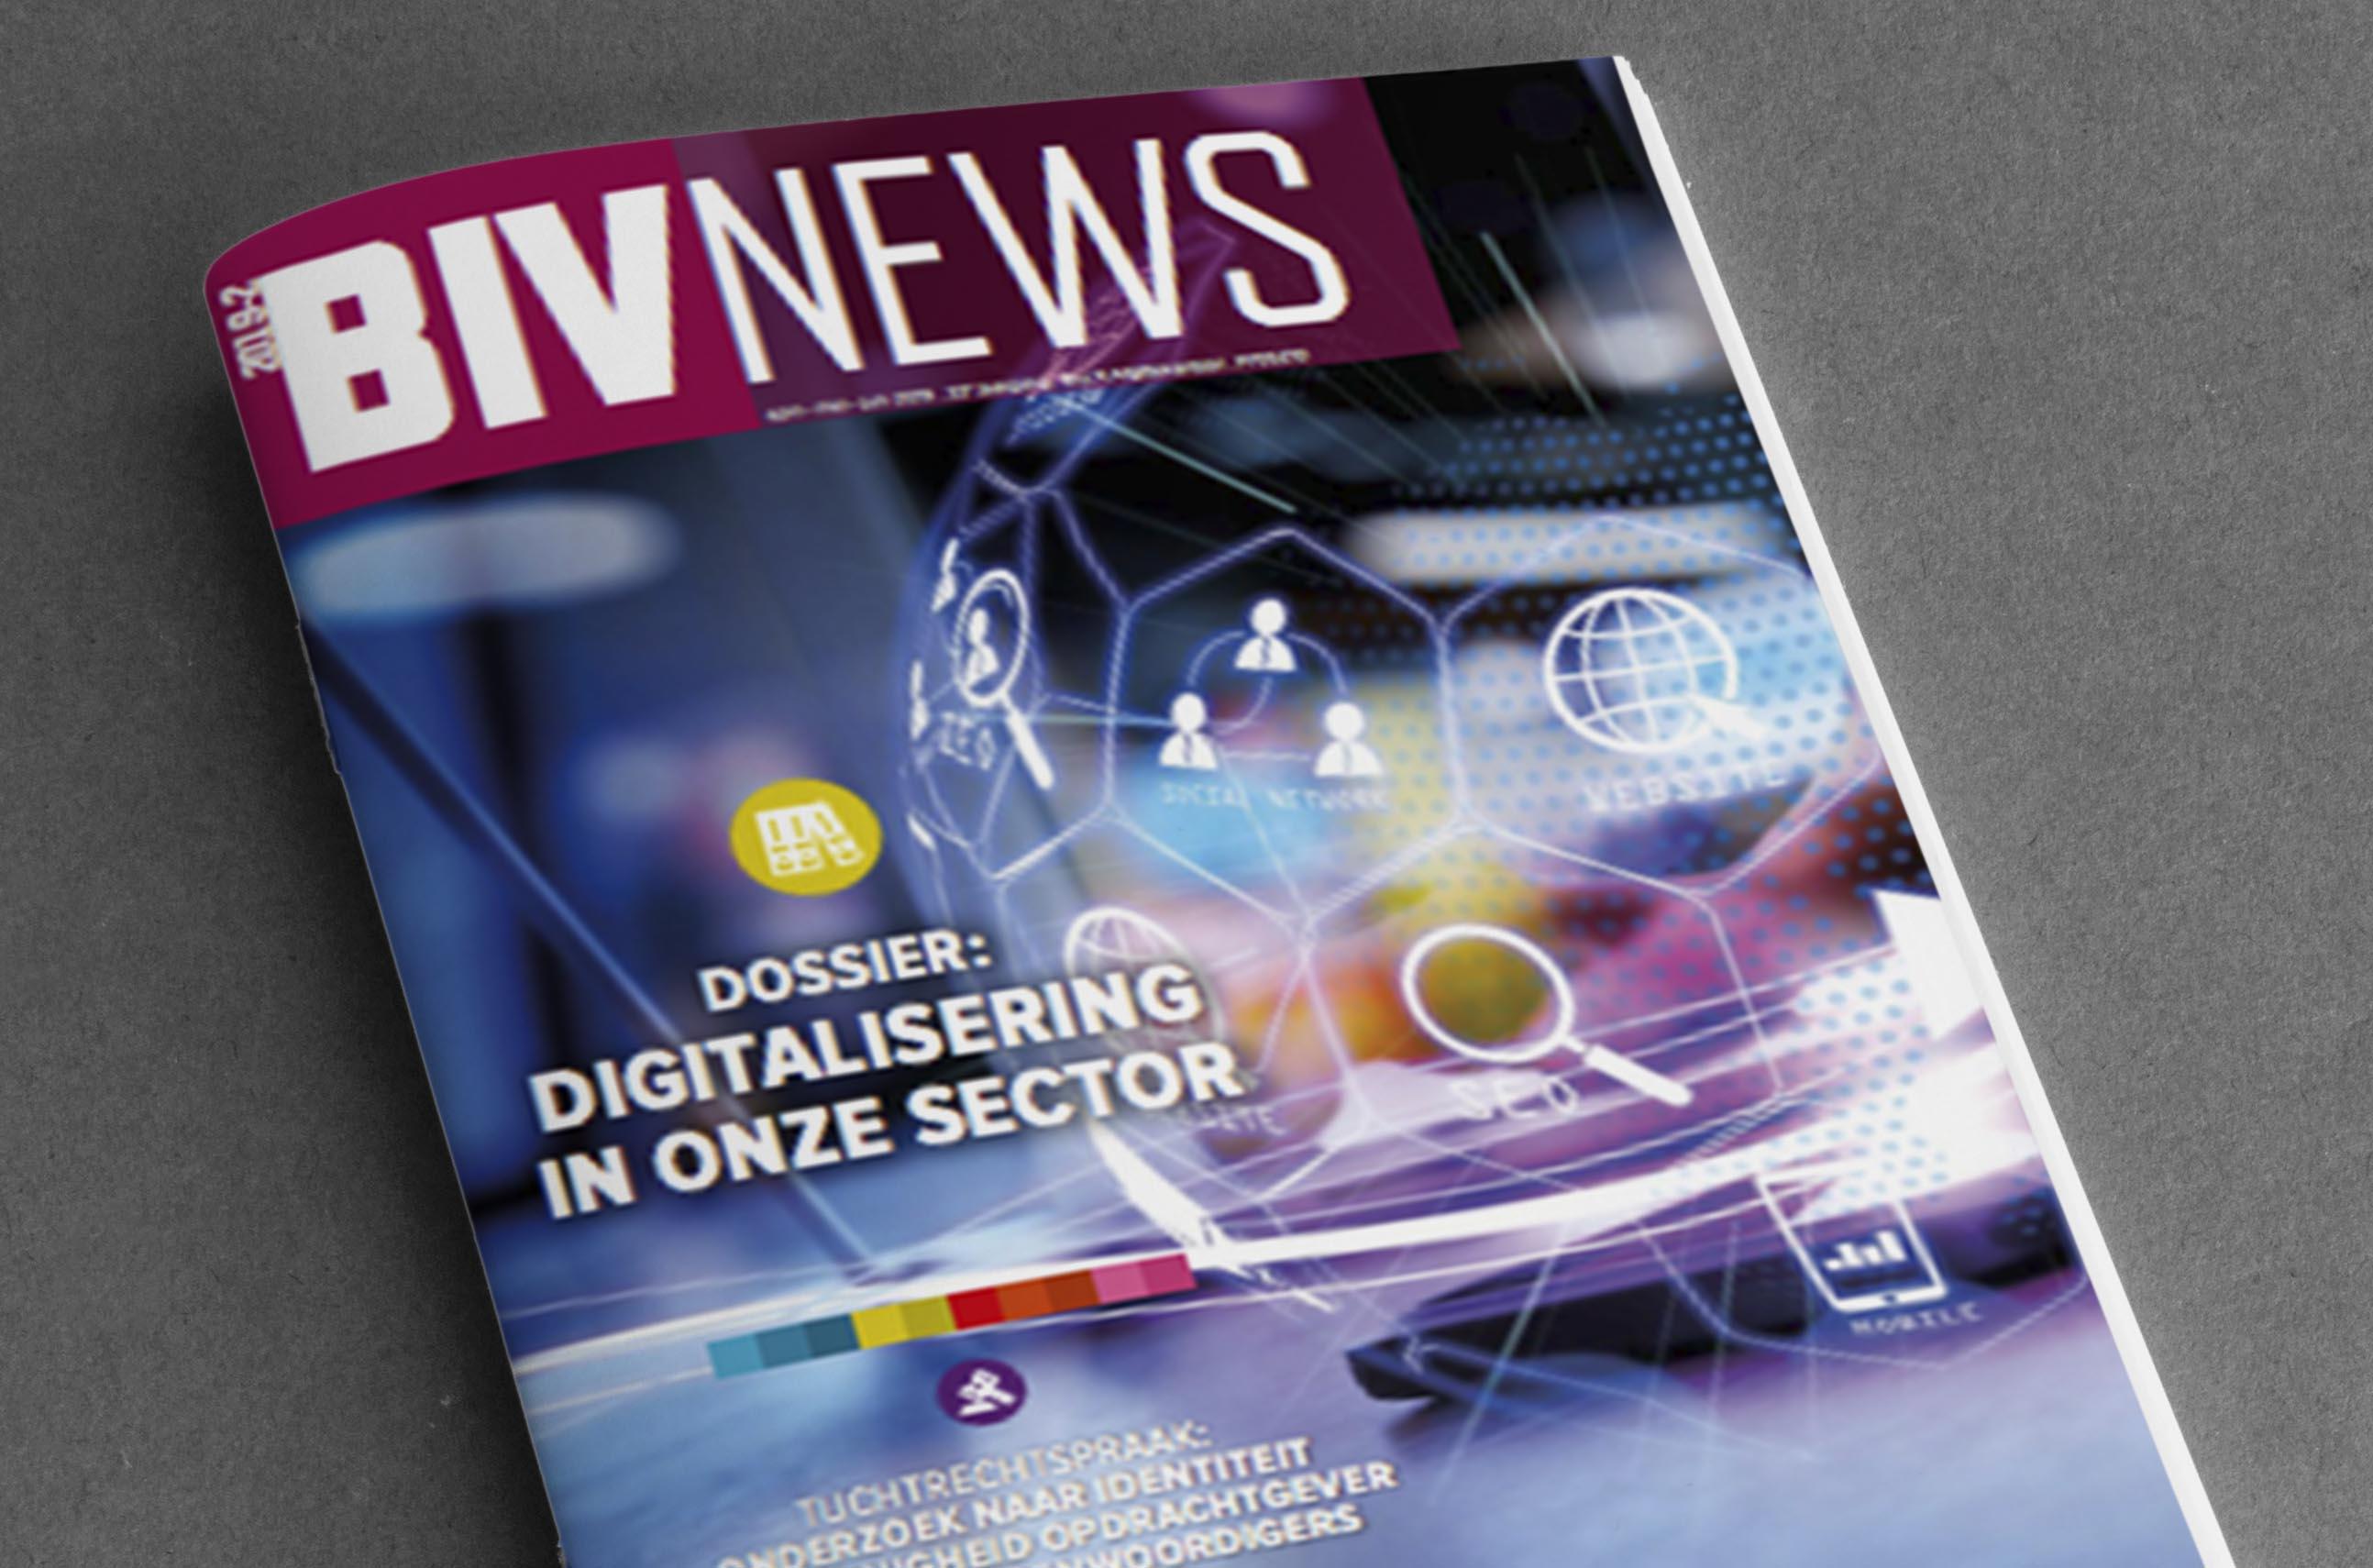 Digitalisering in de vastgoedsector